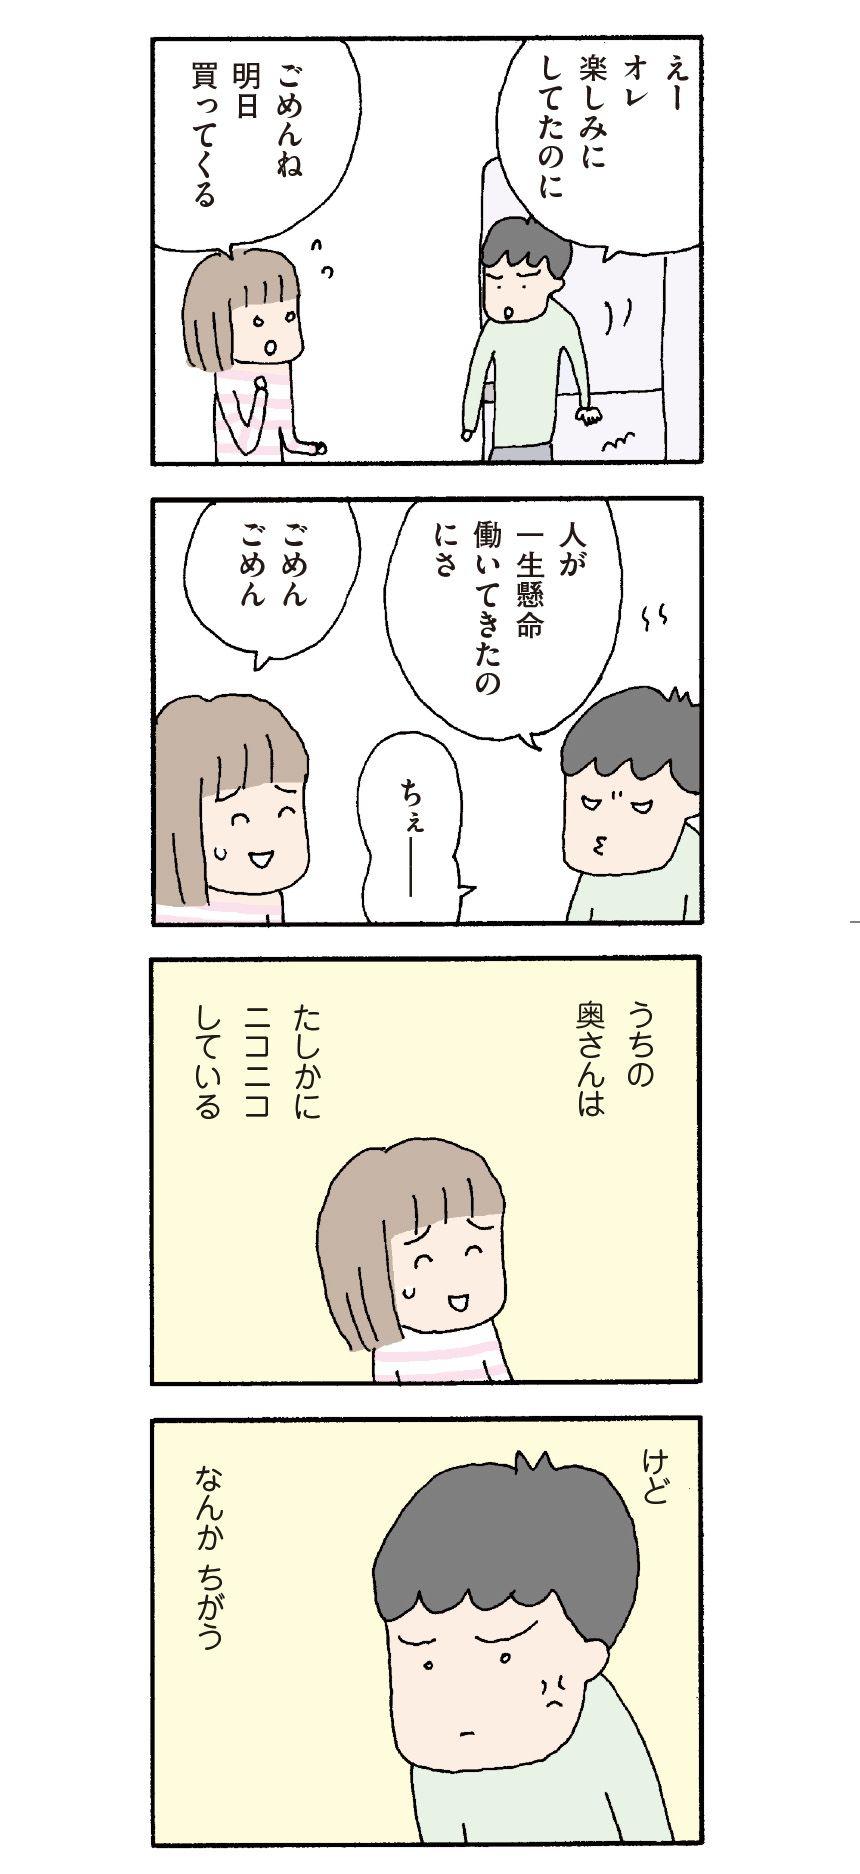 です て いい か の し 離婚 も 場合 翔子